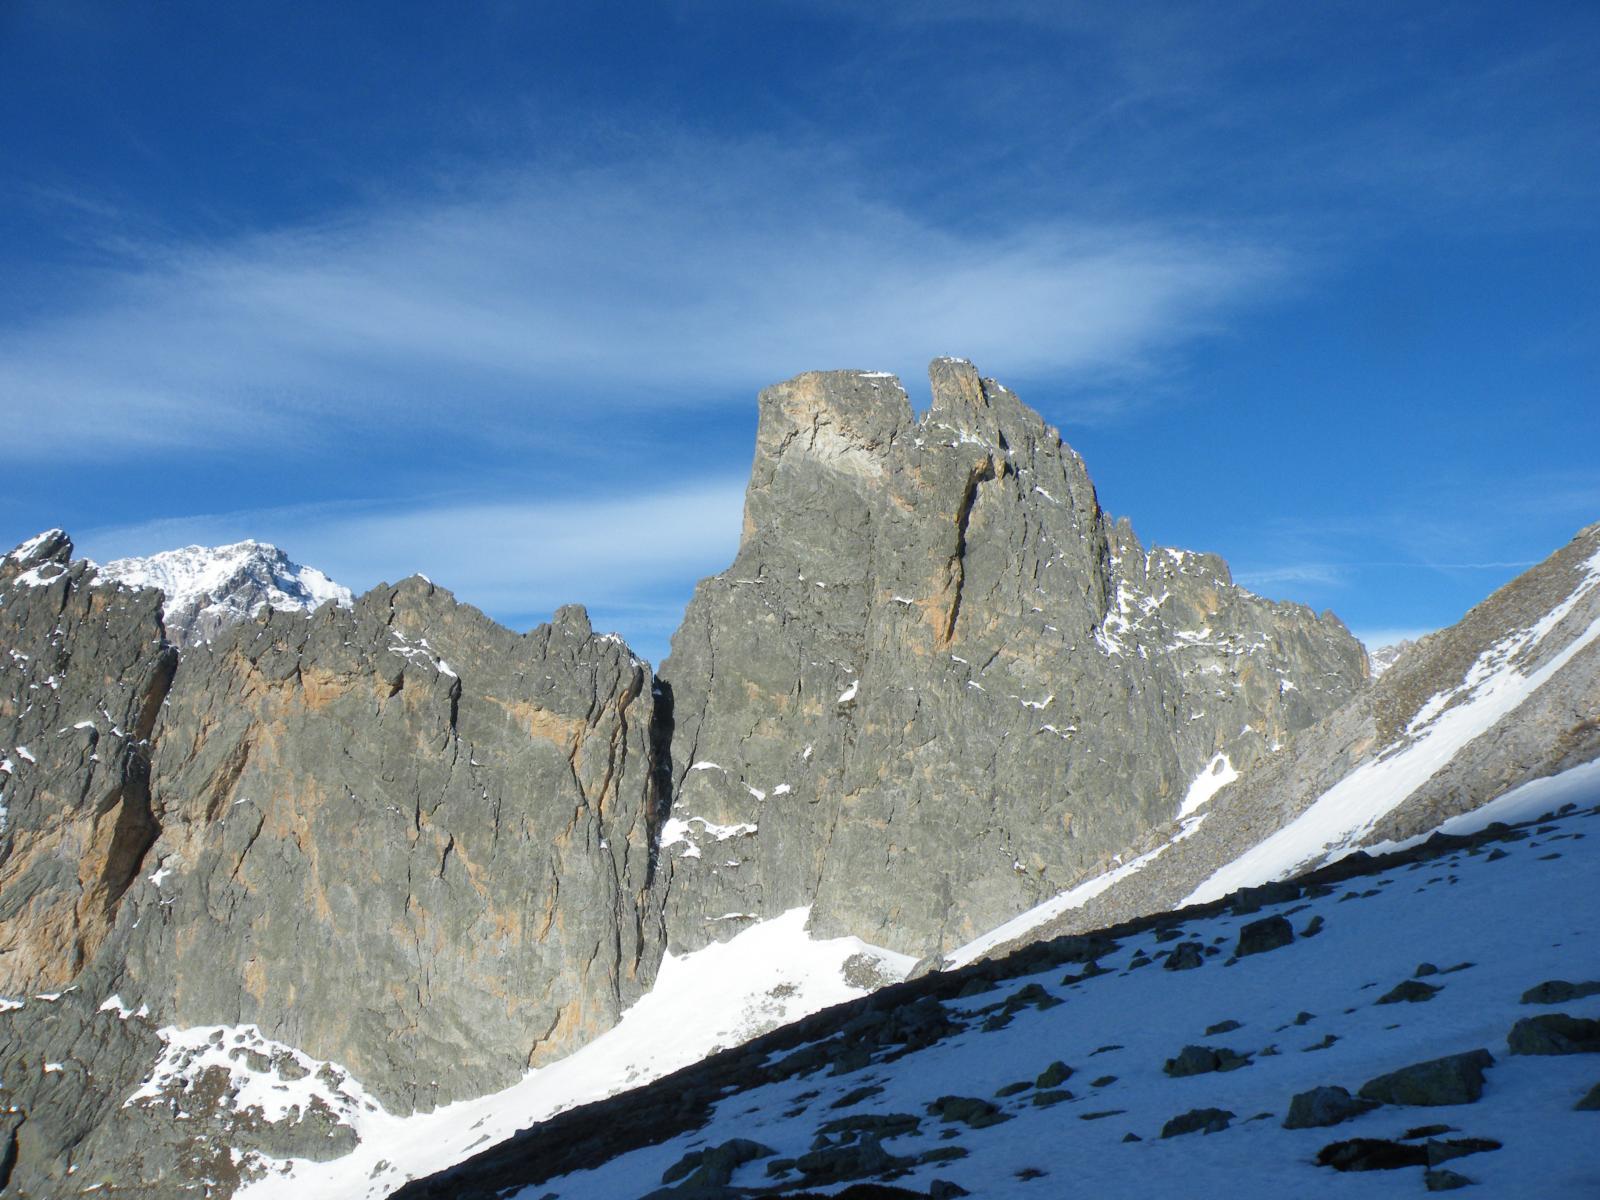 rocca castello e torre castello dominano la salita